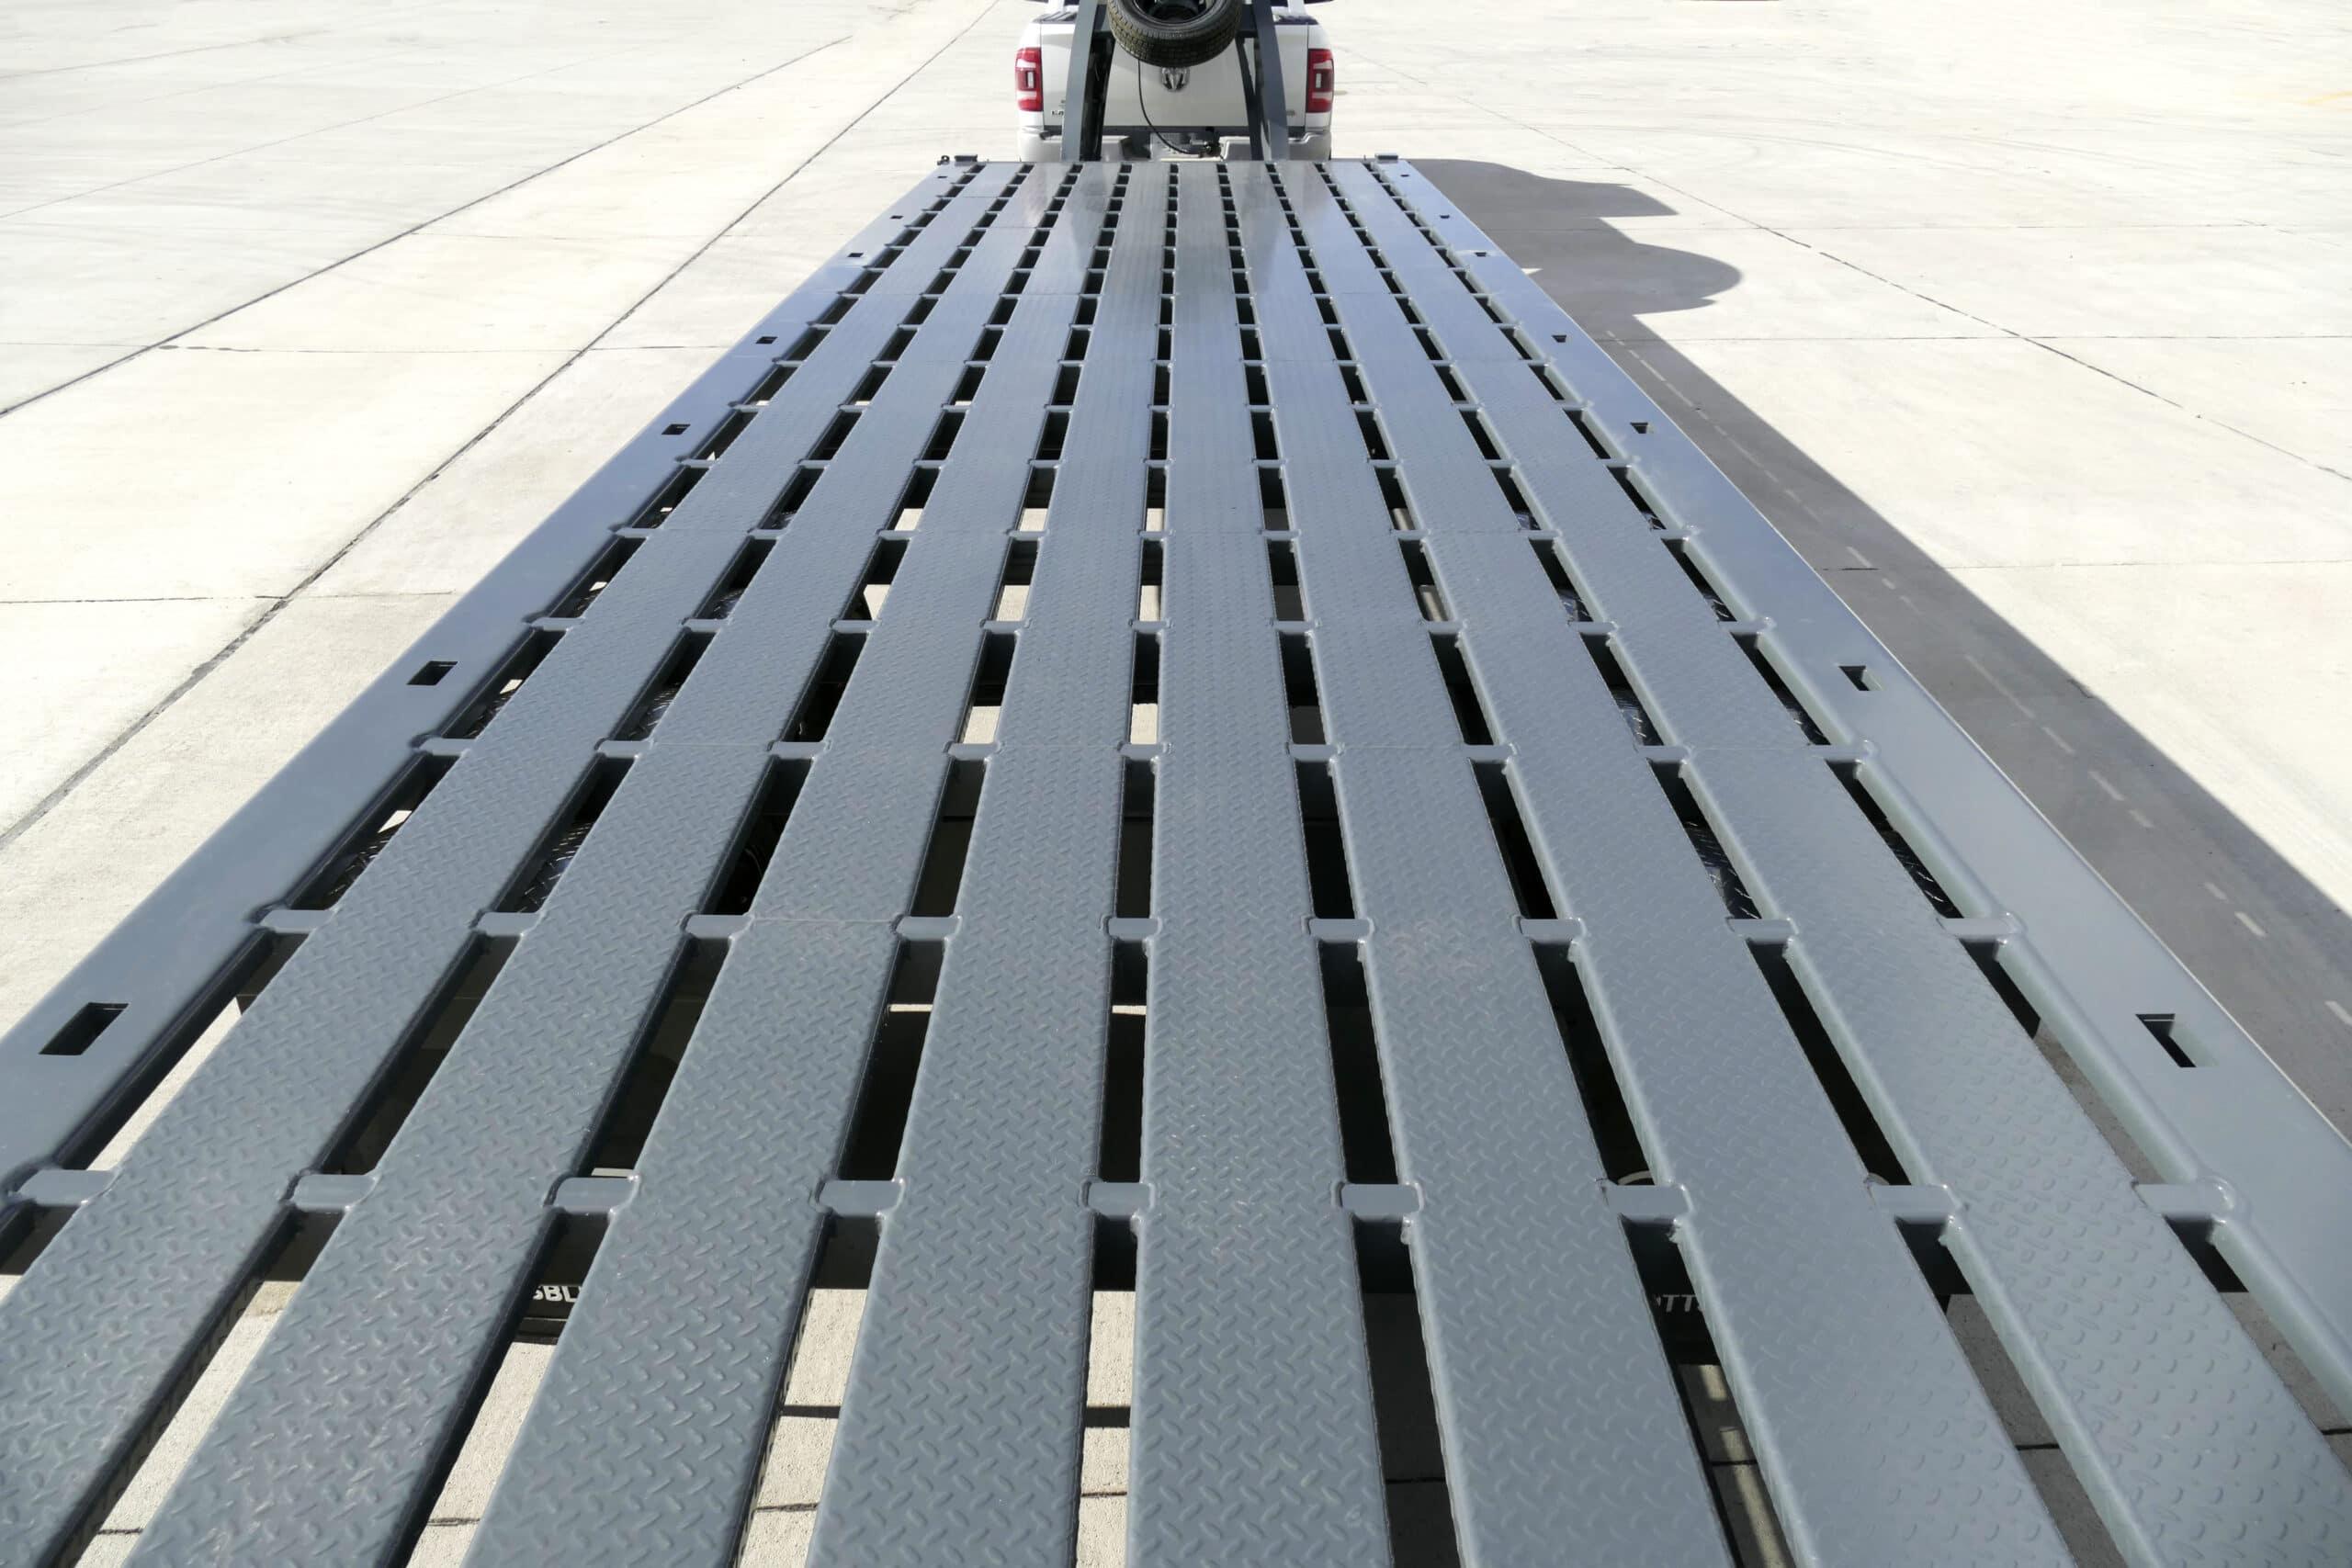 Gooseneck steel grid deck